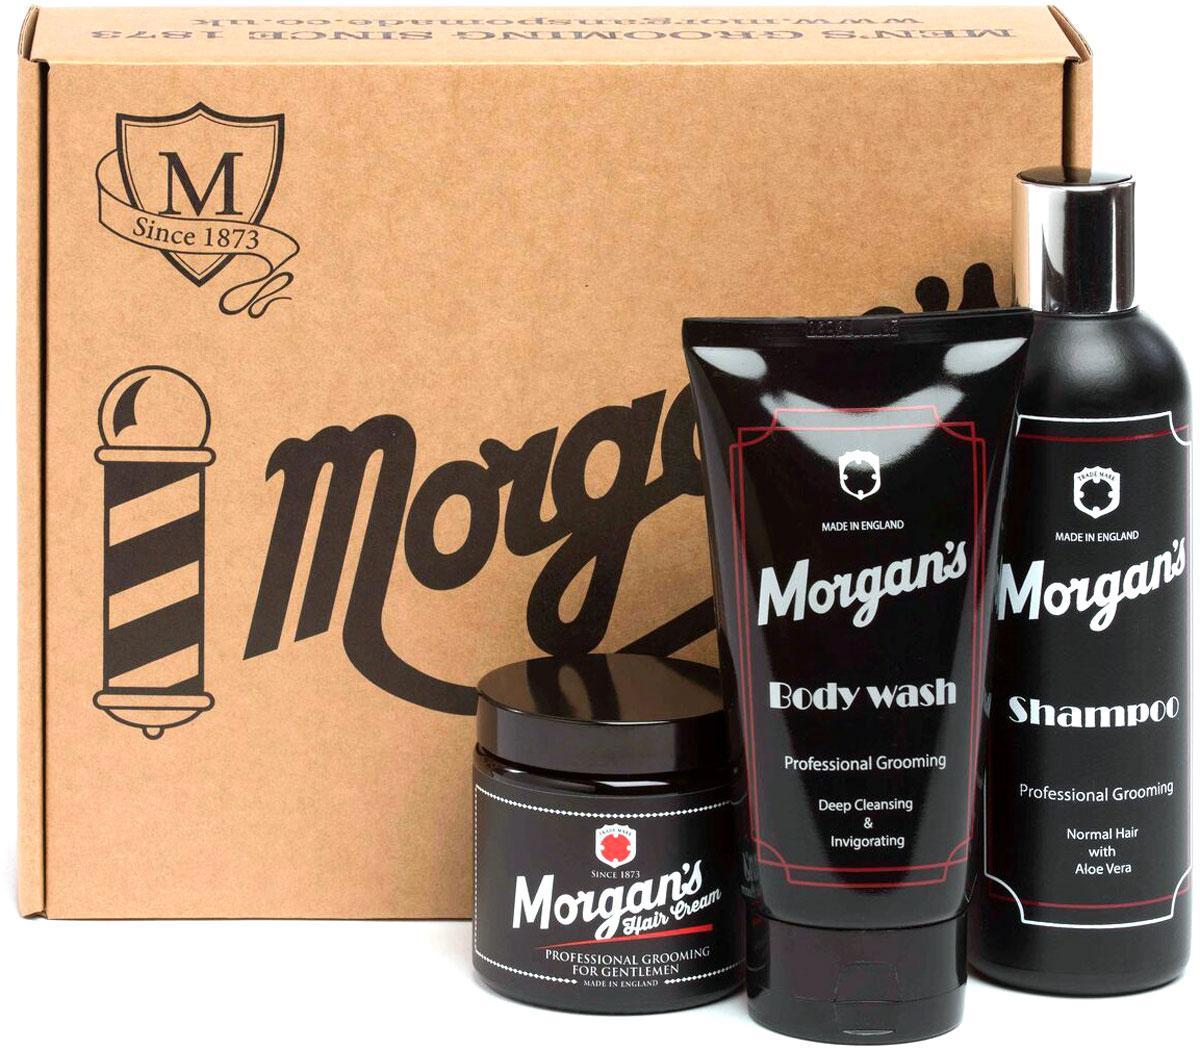 Morgan's Подарочный набор для ухода за волосами и телом: Шампунь + Гель для душа + Крем для укладки волос